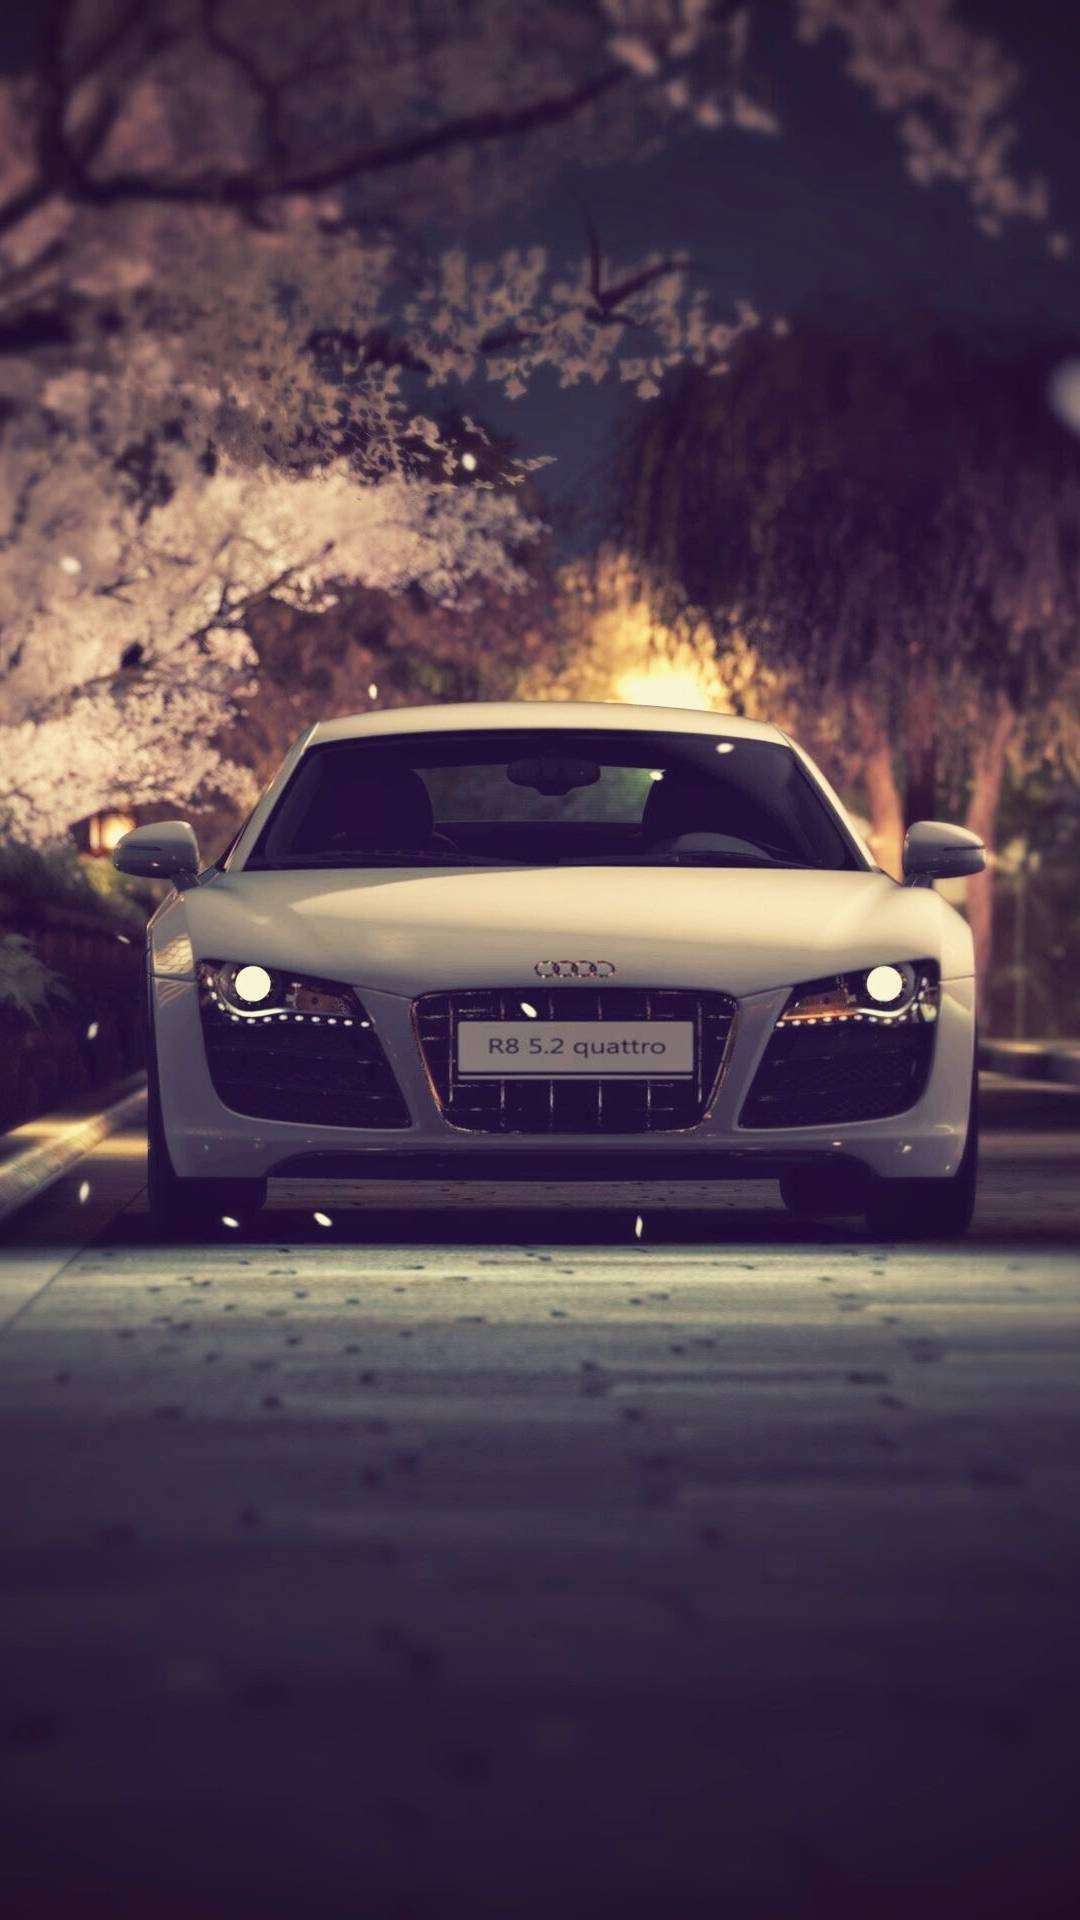 Audi R8 Hd Iphone Wallpaper Iphone Wallpapers Audi R8 Cars